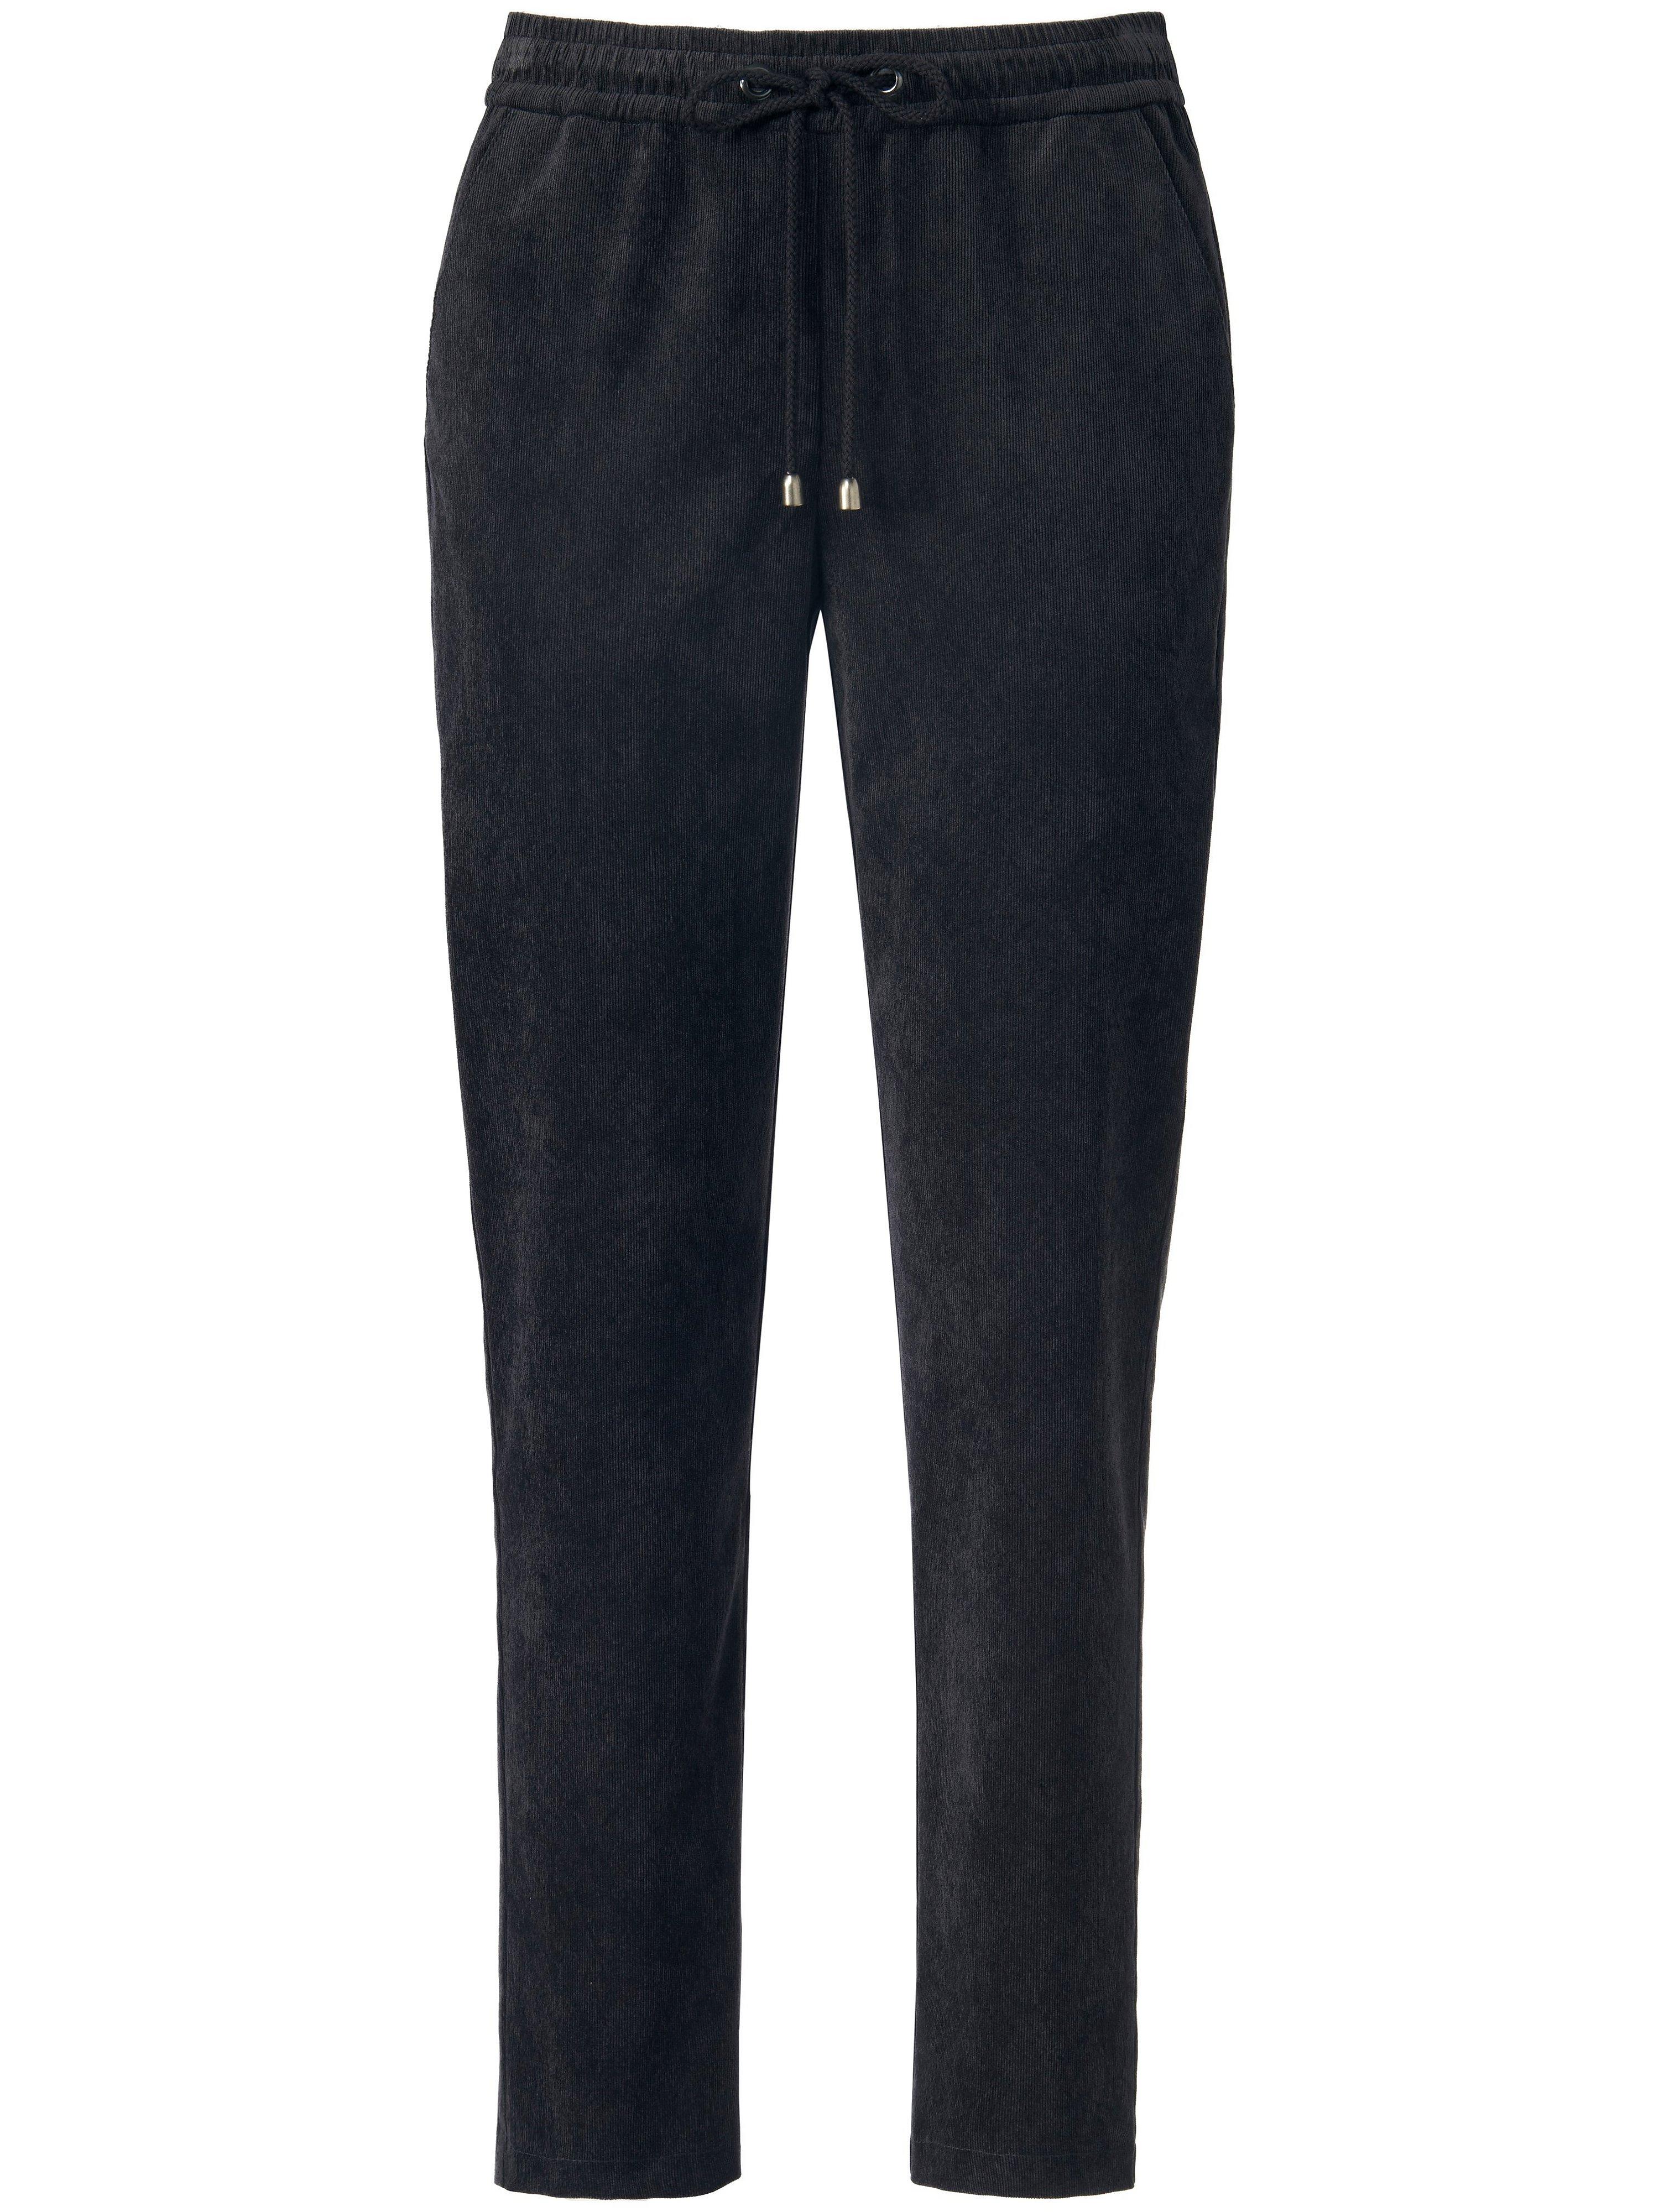 Enkellange fijncord broek pasvorm Barbara Van Peter Hahn zwart